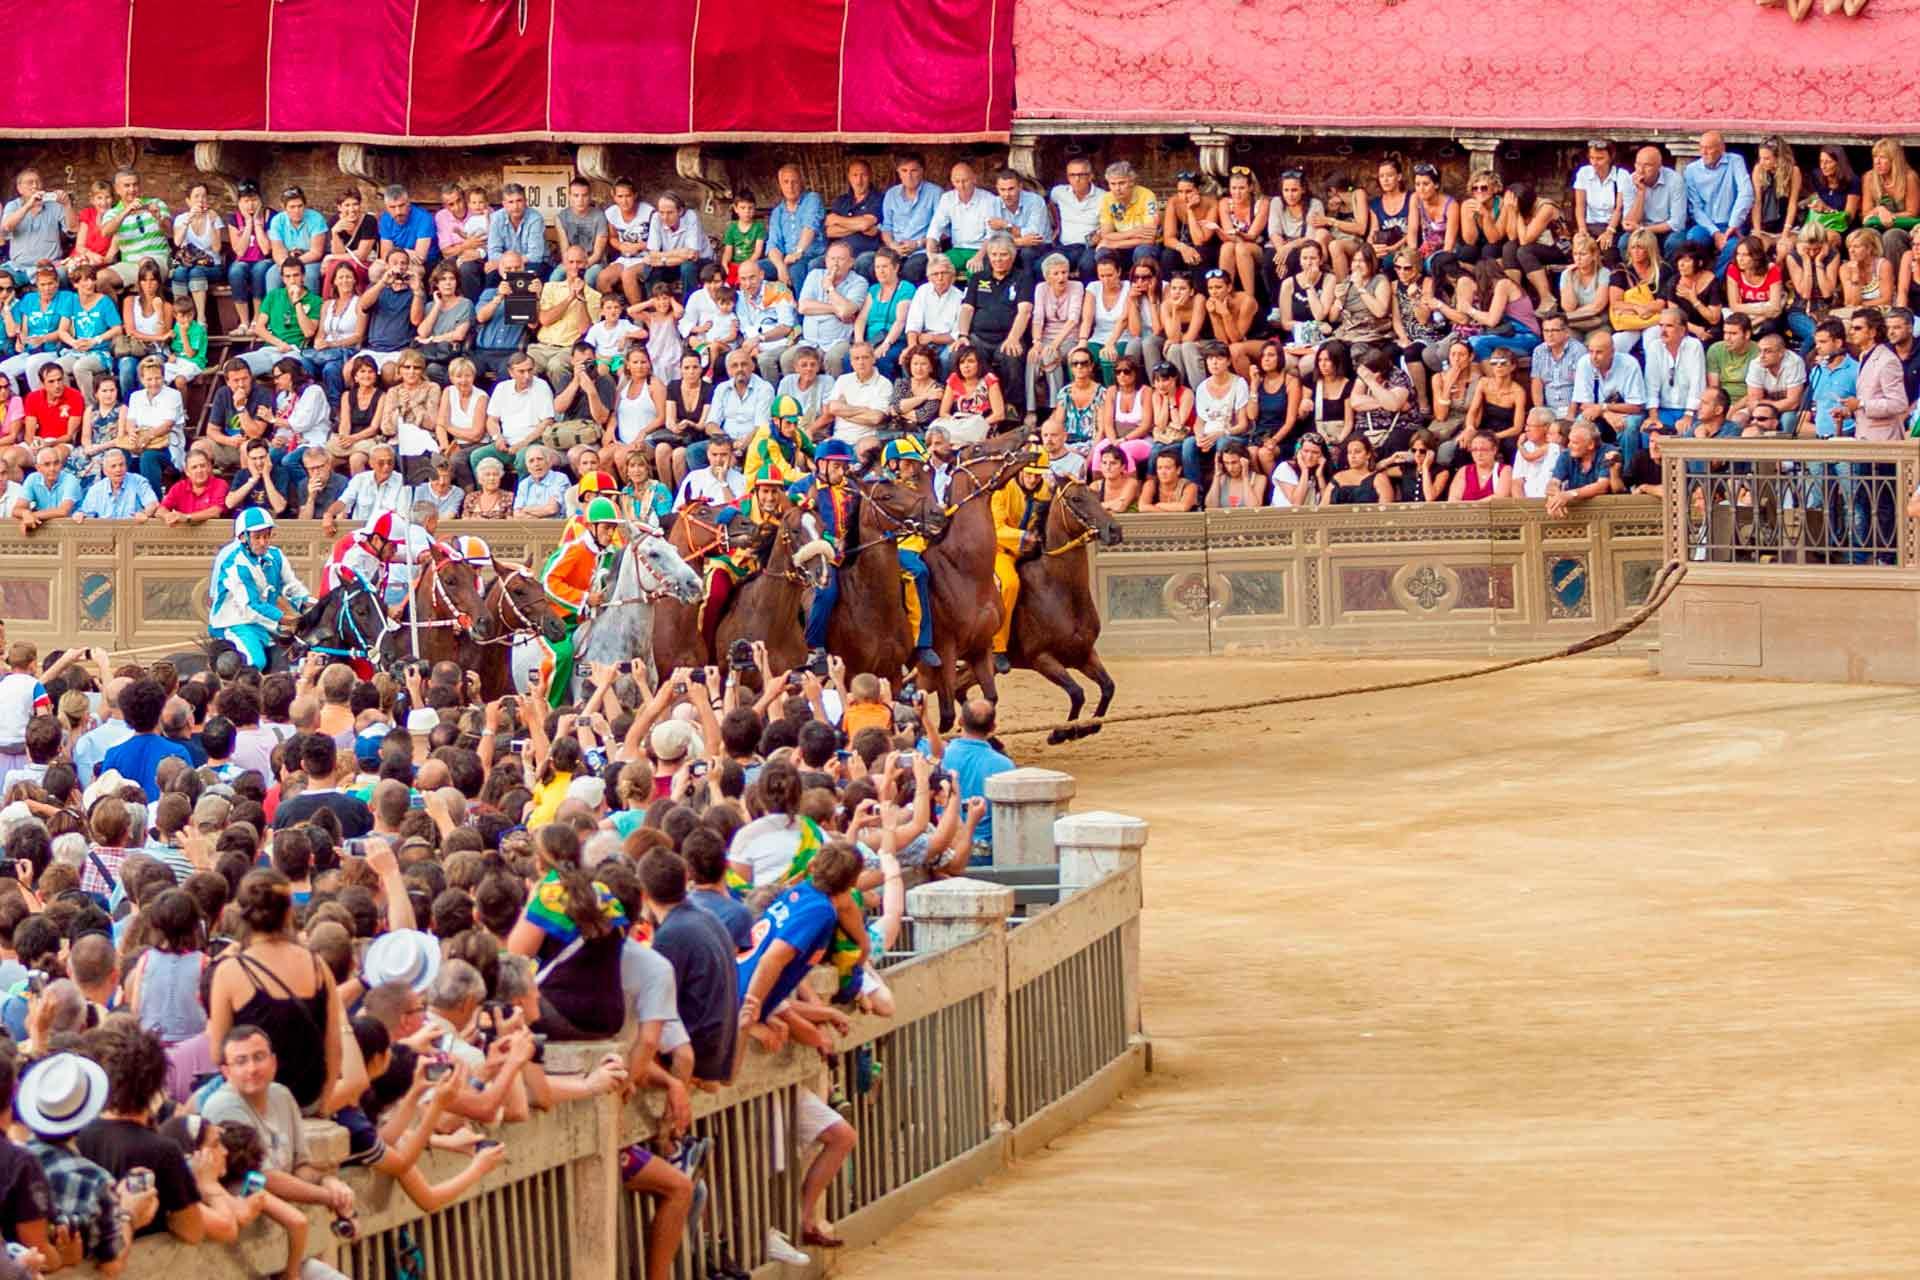 LA PRIMA PROVA - Le prove vengono svolte al mattino e la sera, a partire dal pomeriggio del giorno della TRATTA fino al mattino di quello del PALIO. Le Contrade non possono rifiutarsi di correre una prova, a meno che il proprio cavallo non si trovi nell'impossibilità di correre.